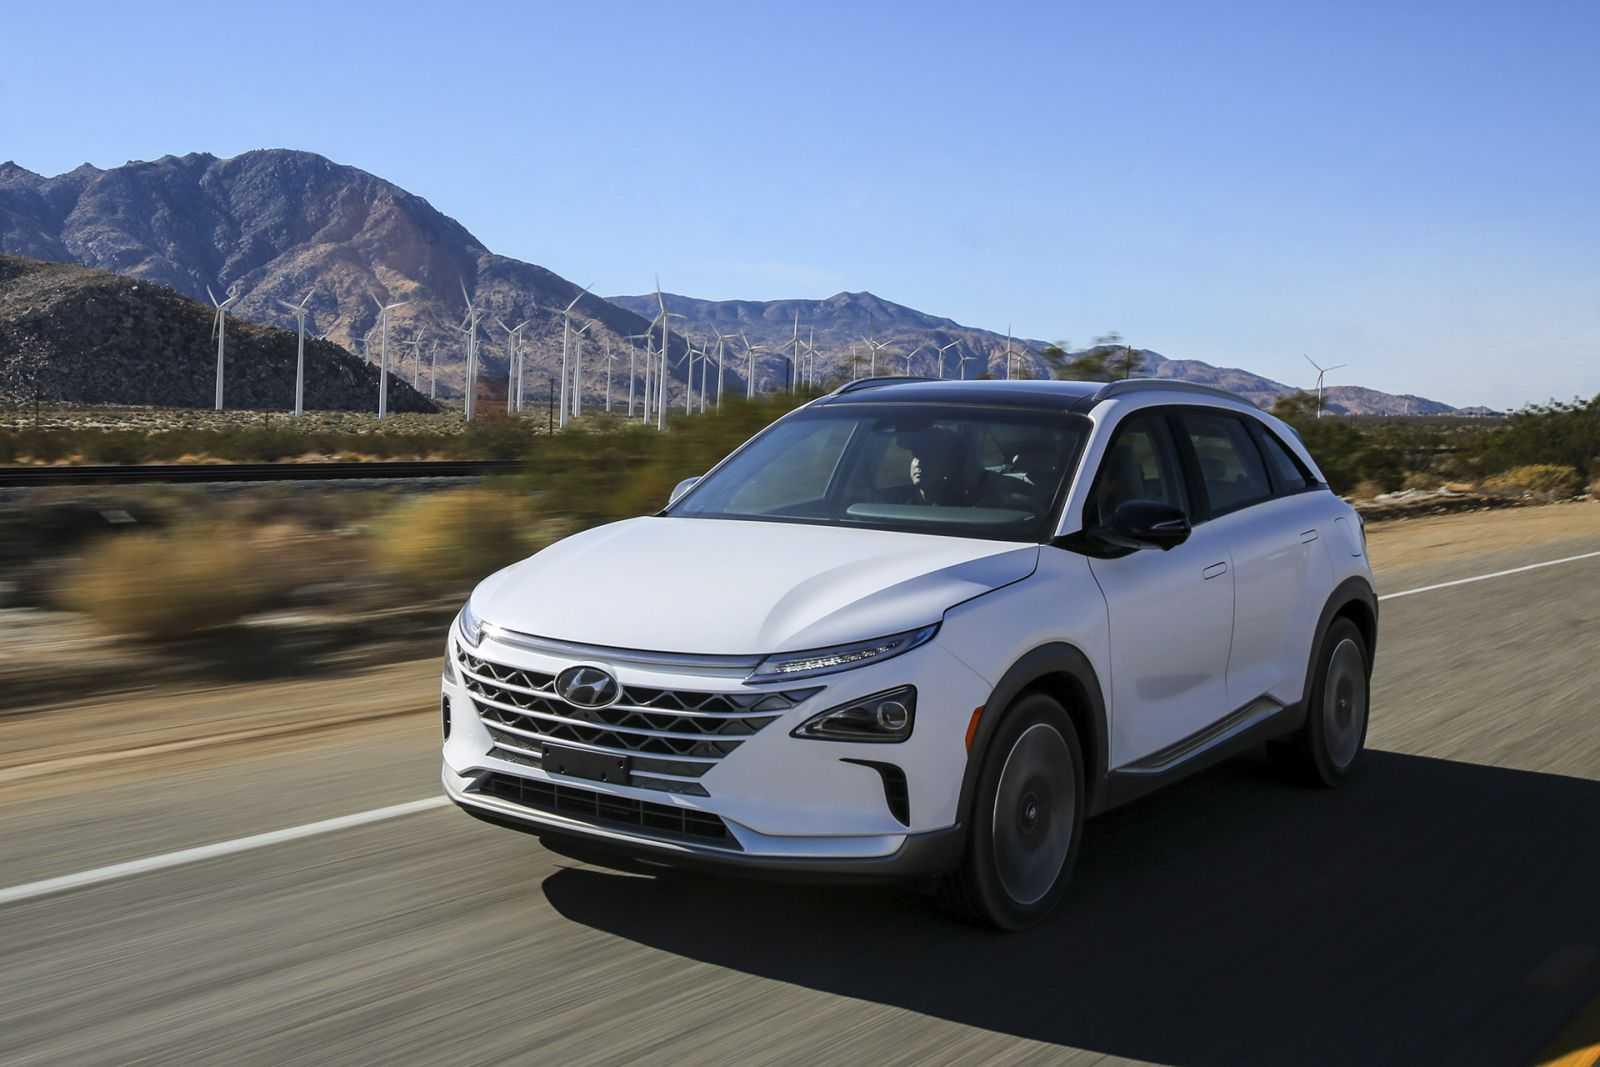 Le nouveau Hyundai Nexo